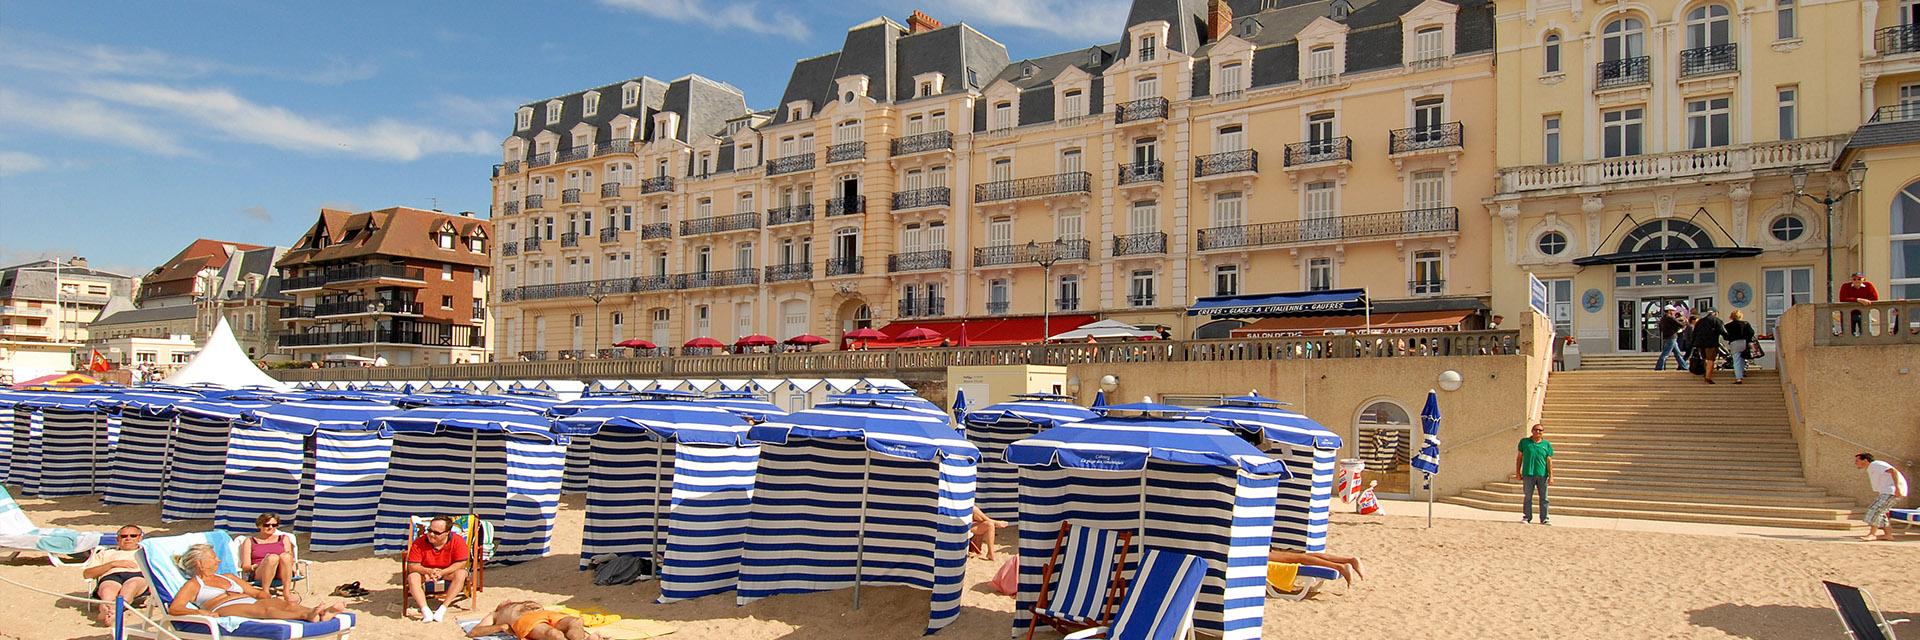 Village_club_vacances_normandie-et-cote-dopale-bon-séjour-plage